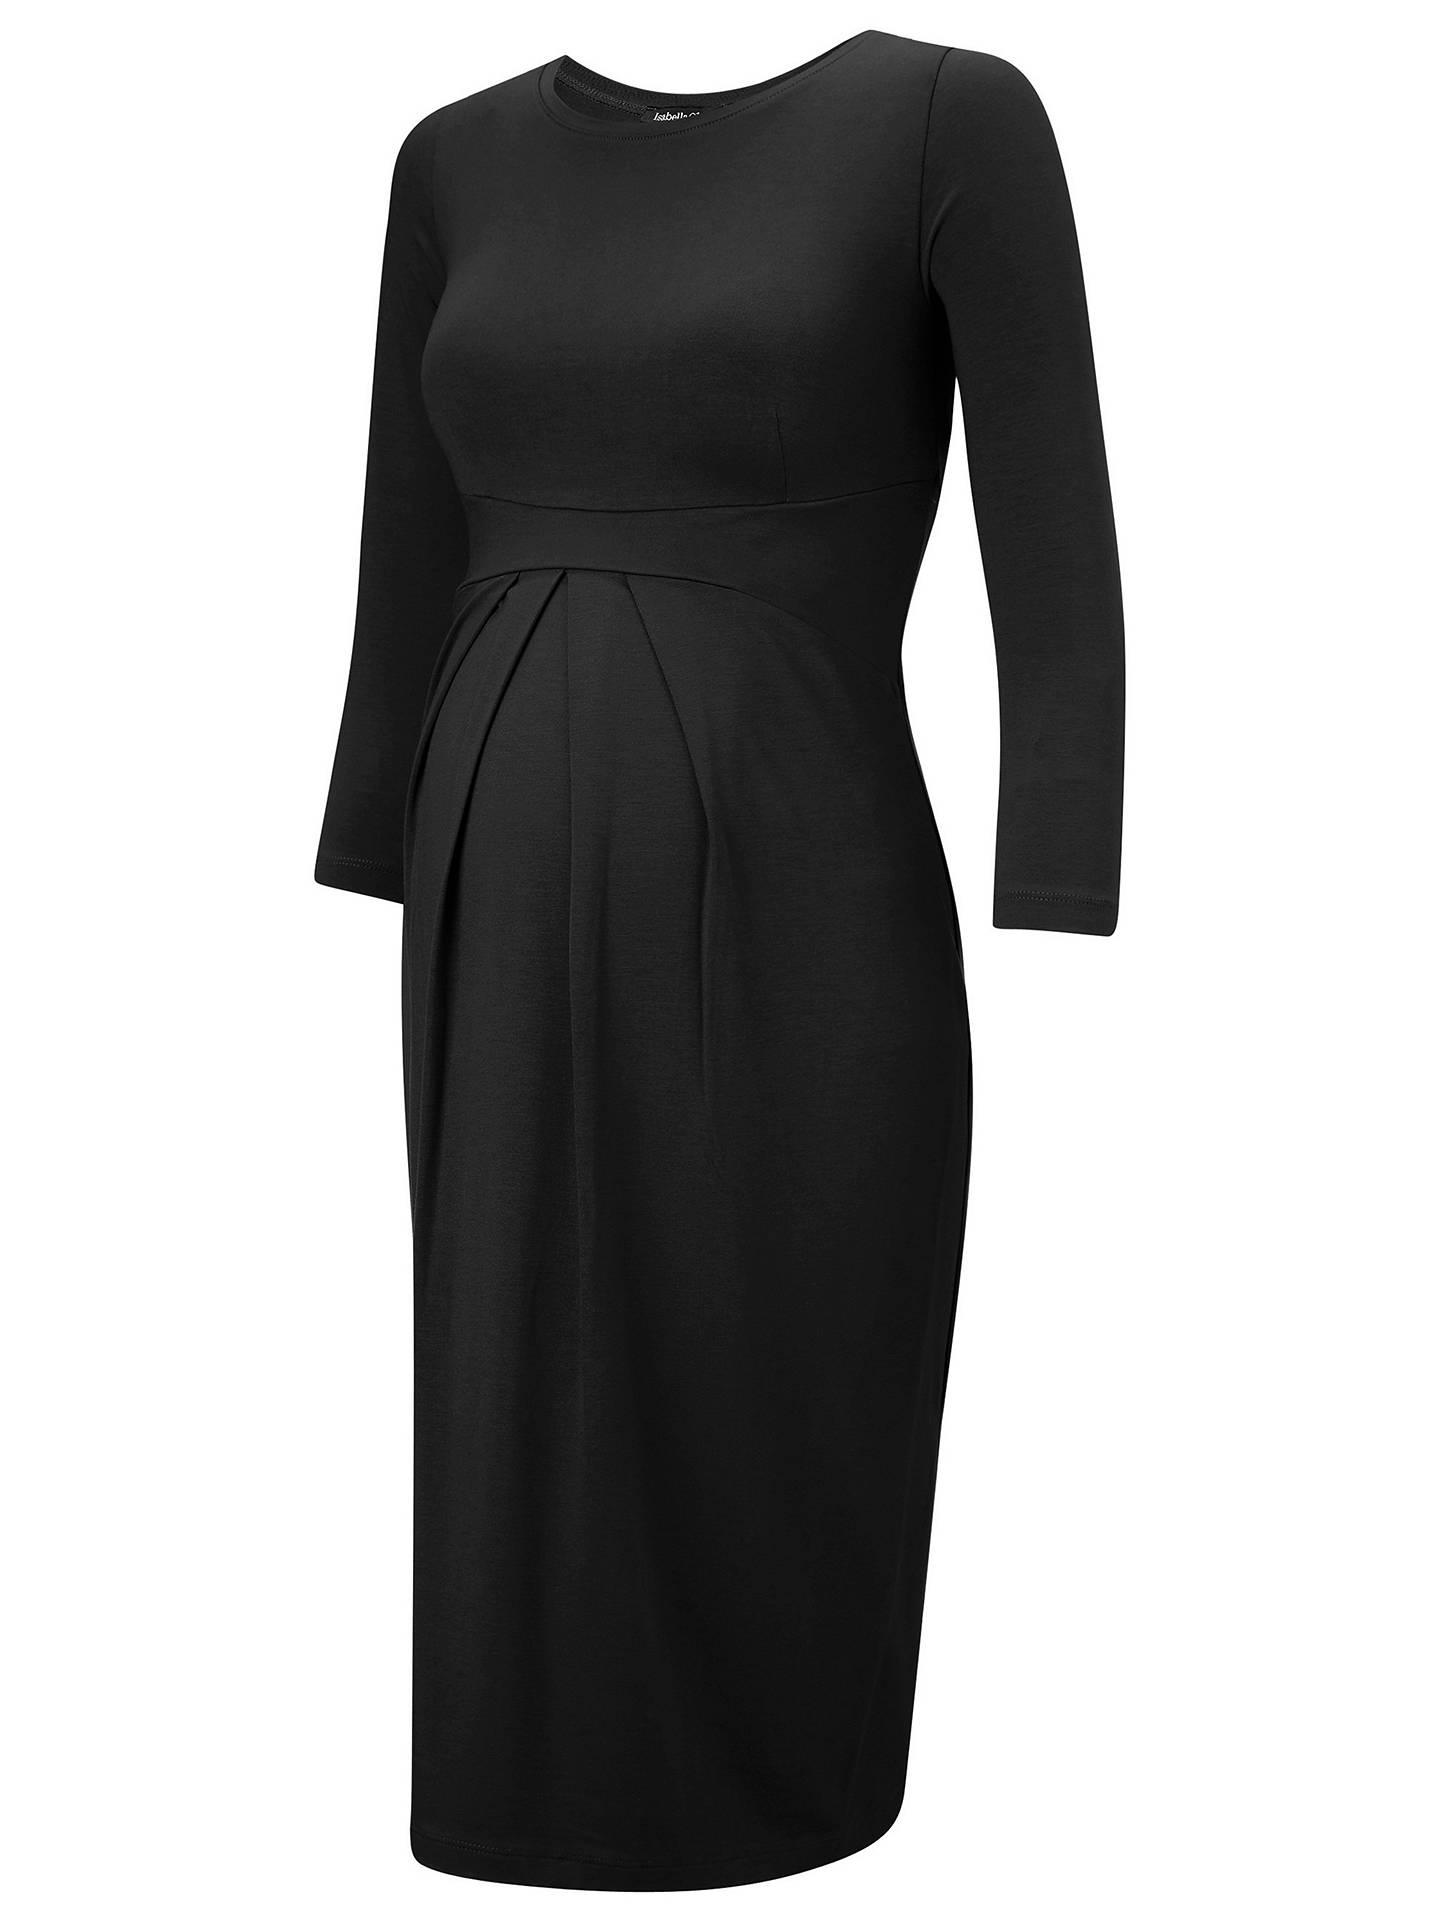 7b4523afc1dbd Buy Isabella Oliver Ivybridge Dress, Black, 10 Online at johnlewis.com ...